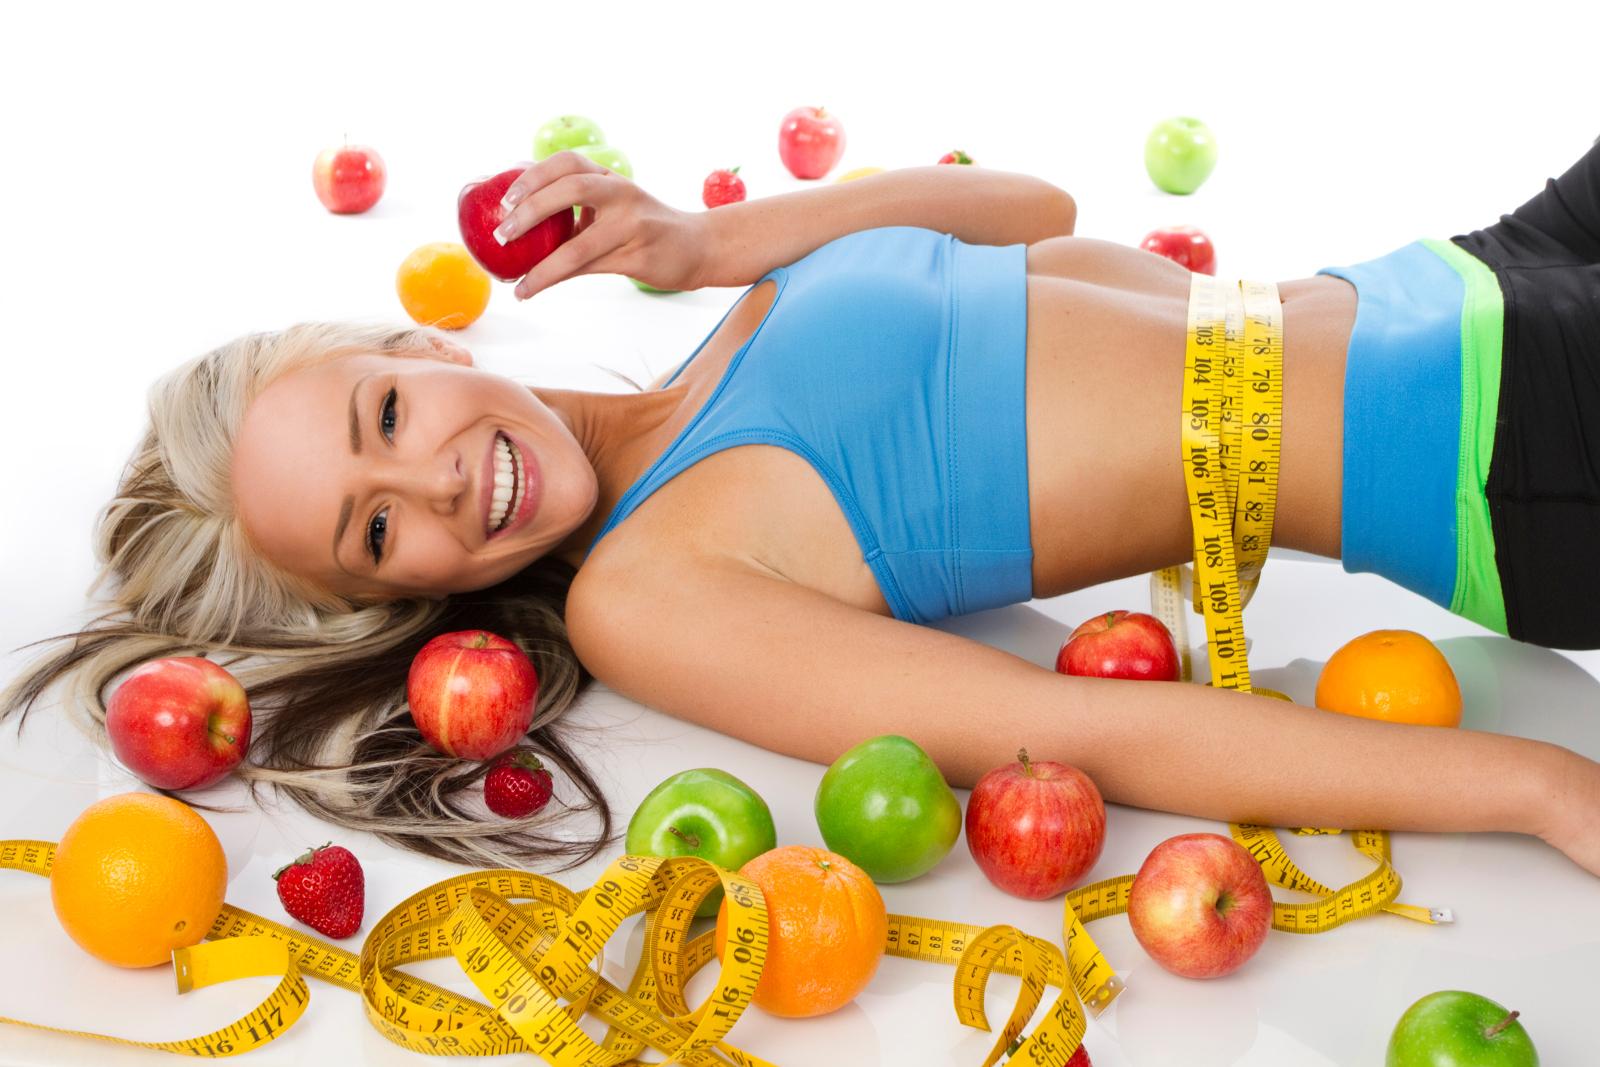 Английская диета на 21 день: меню на каждый день, фото, результаты диеты